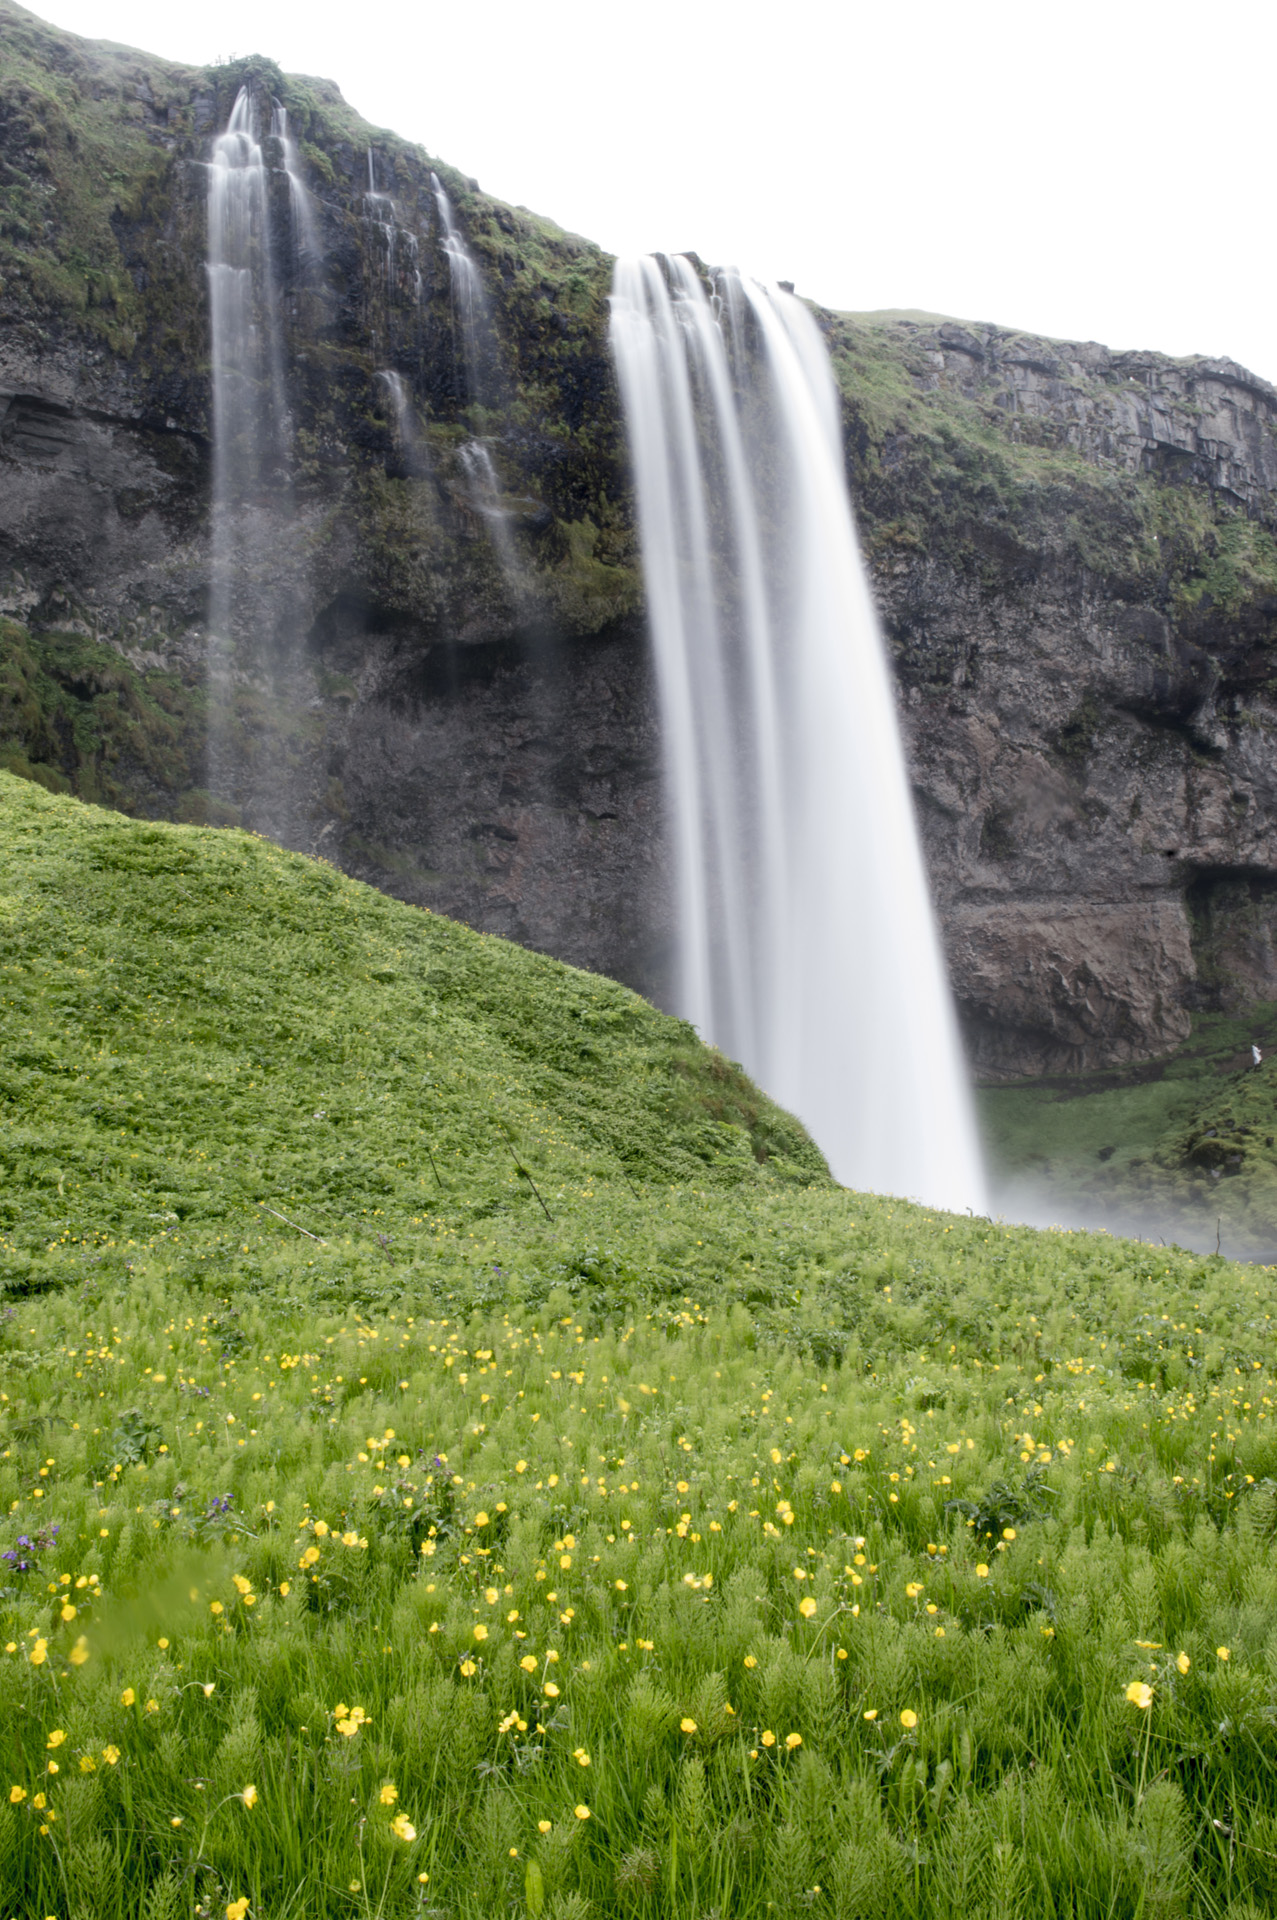 Seljalandsfoss waterfall, Suðurland region, Iceland.